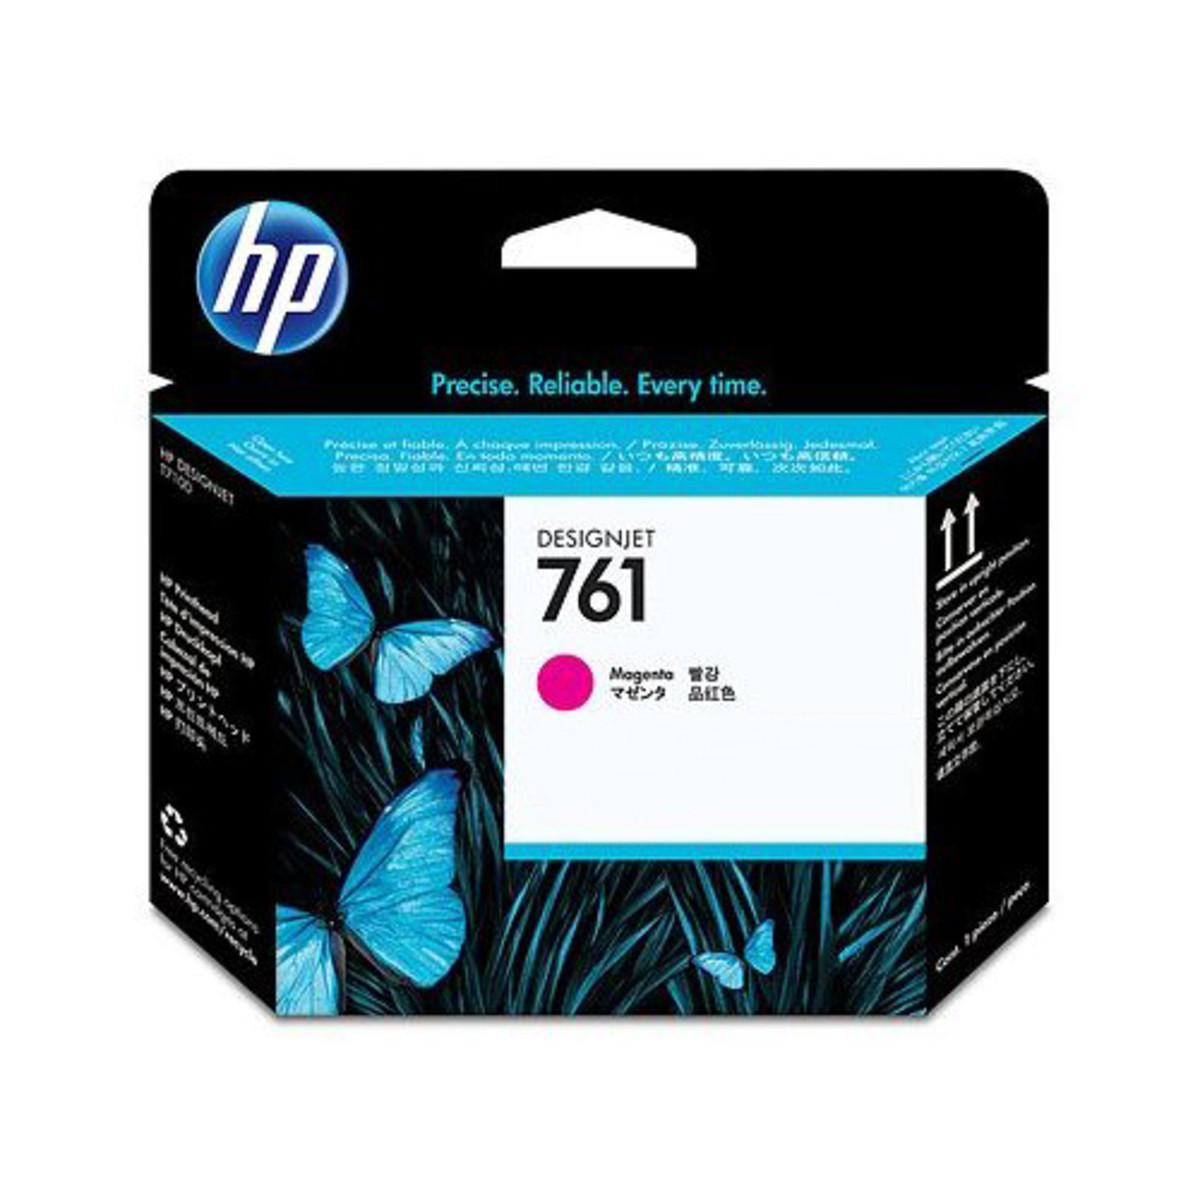 HP 761 (CH646A) Magenta Ink Cartridge